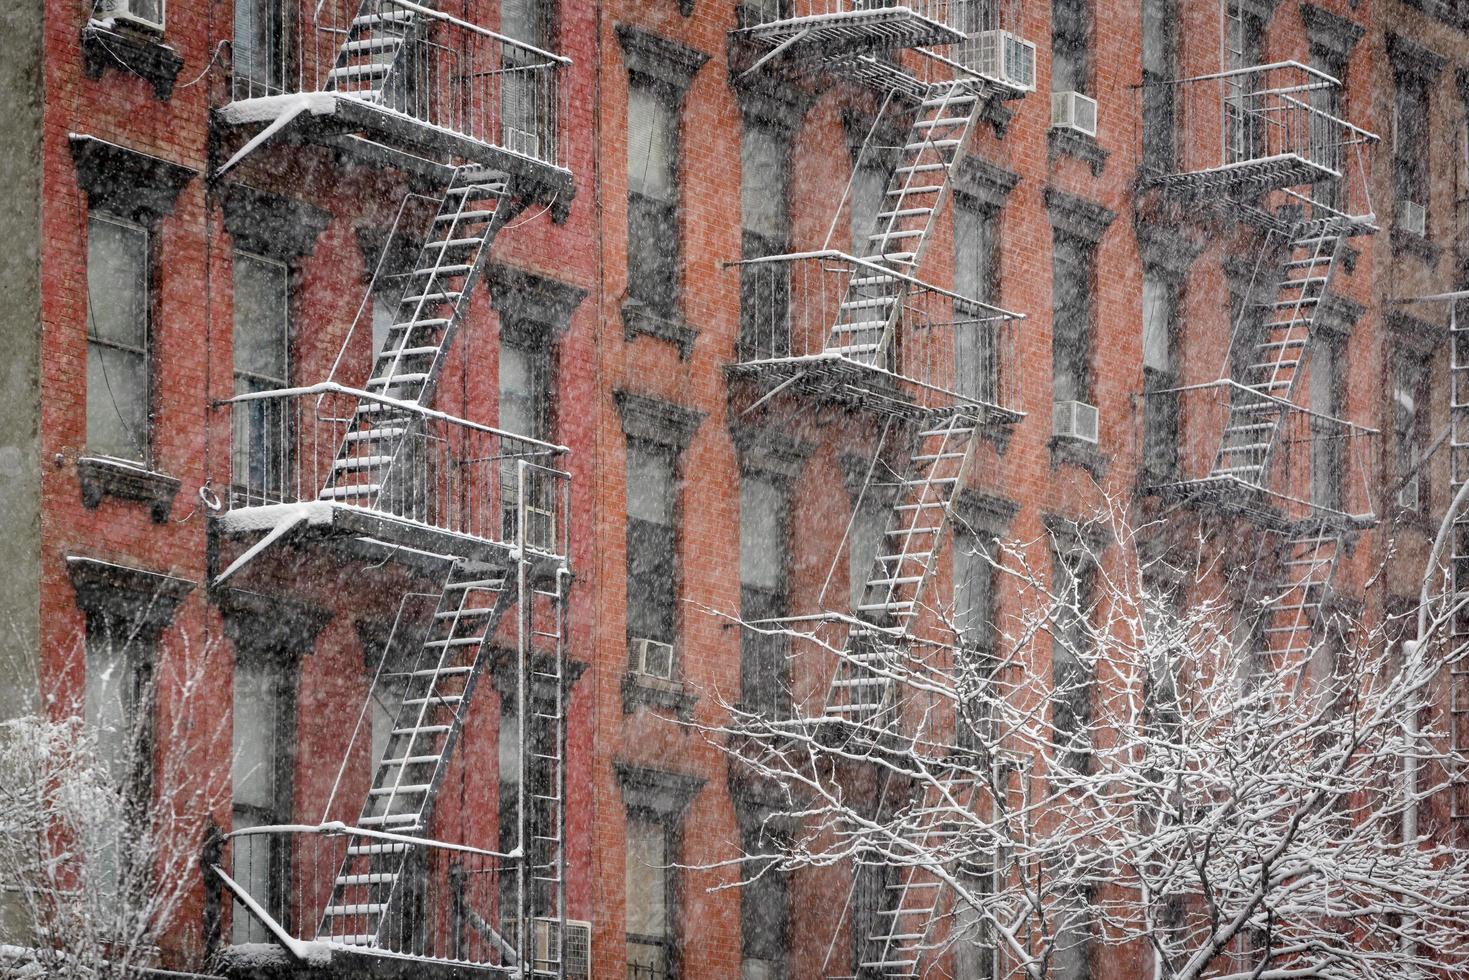 Façade du bâtiment en brique de Chelsea pendant la tempête de neige, New York City photo